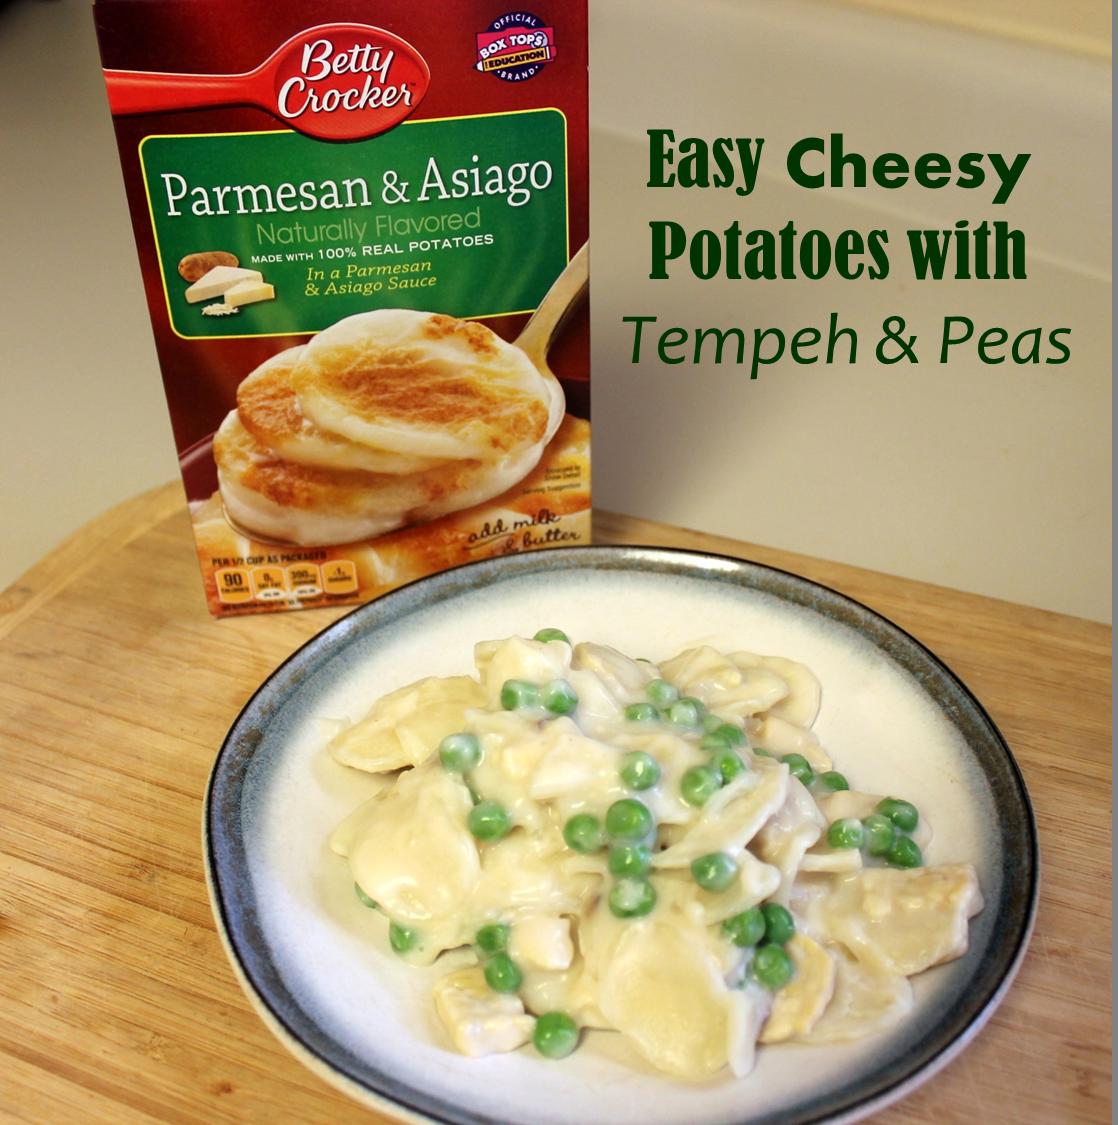 Easy Cheese Potatoes